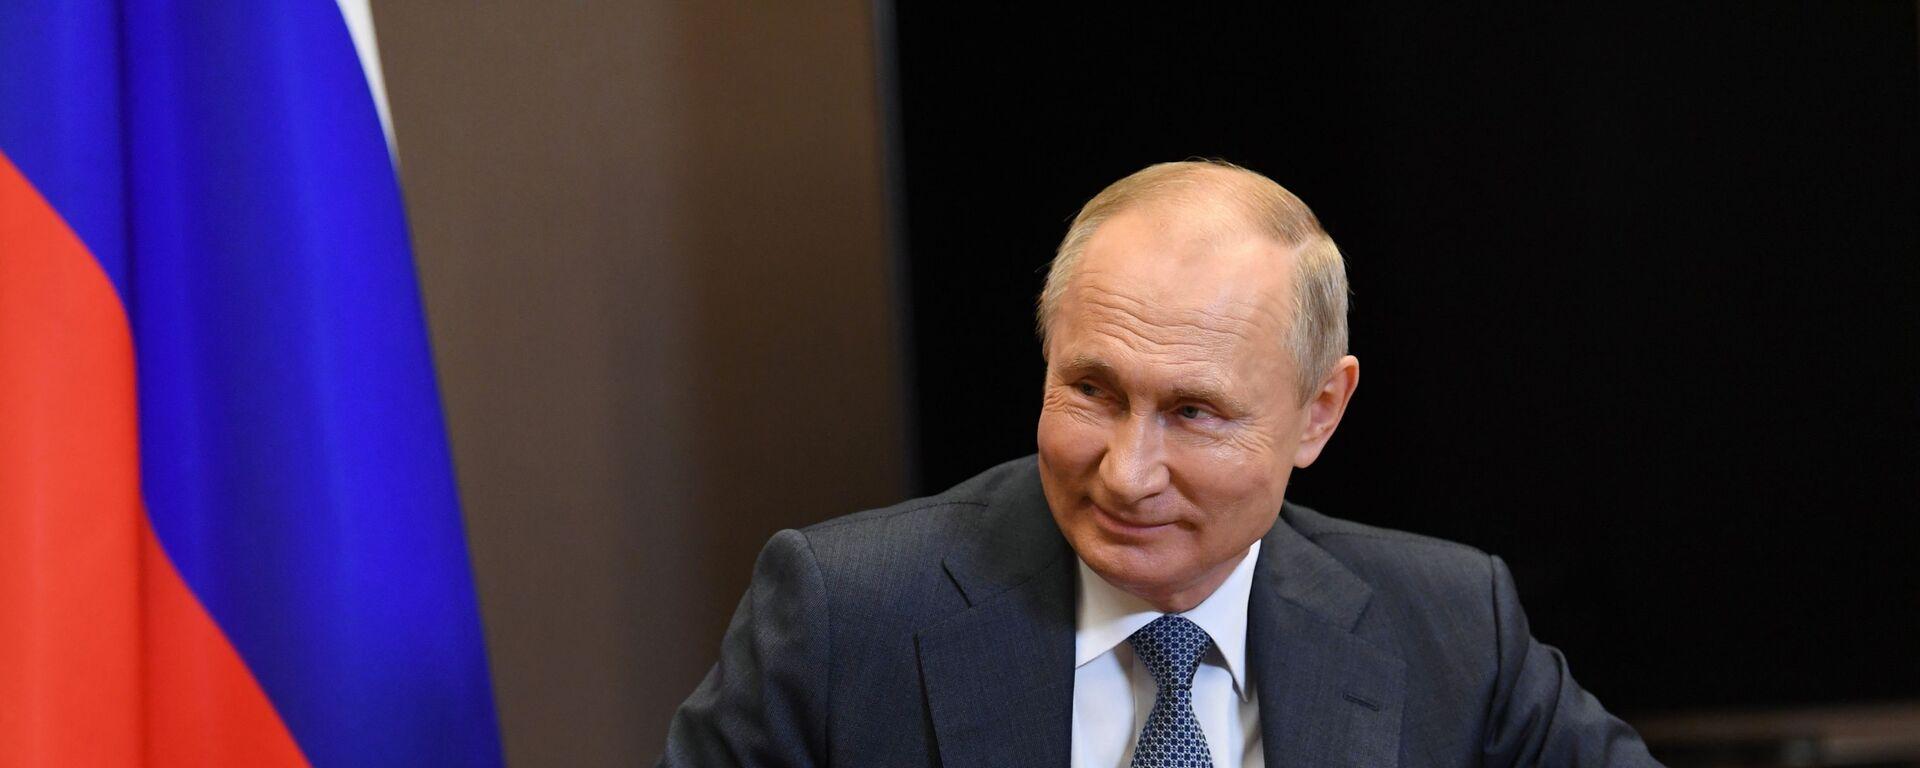 Президент РФ Владимир Путин - Sputnik Таджикистан, 1920, 15.11.2020